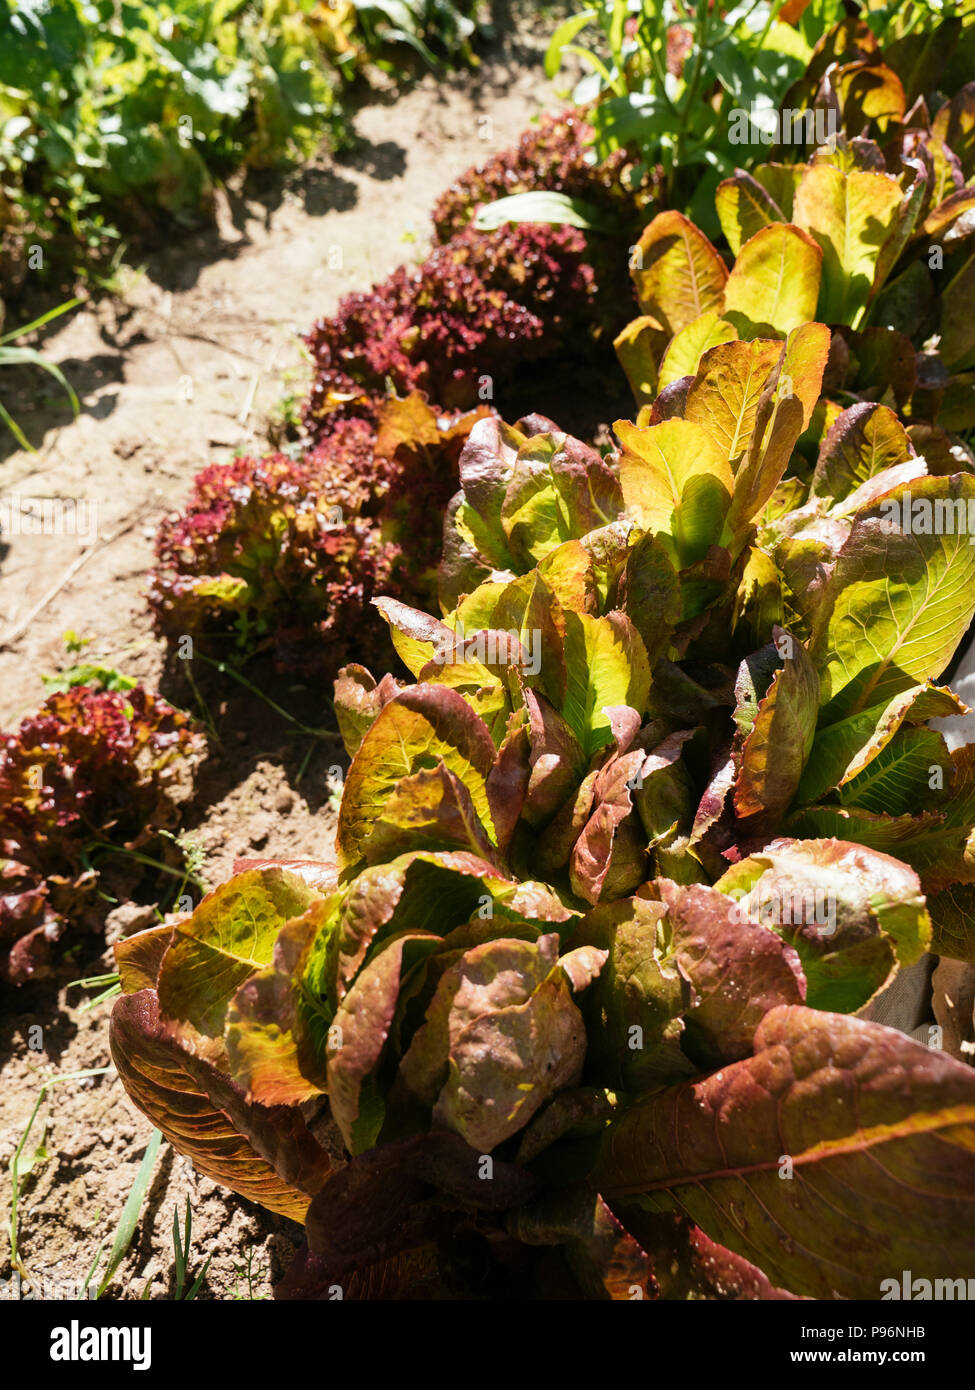 Lollo Rosso y lechuga romana Cimmaron rojo que crece en un jardín de vegetales. Foto de stock